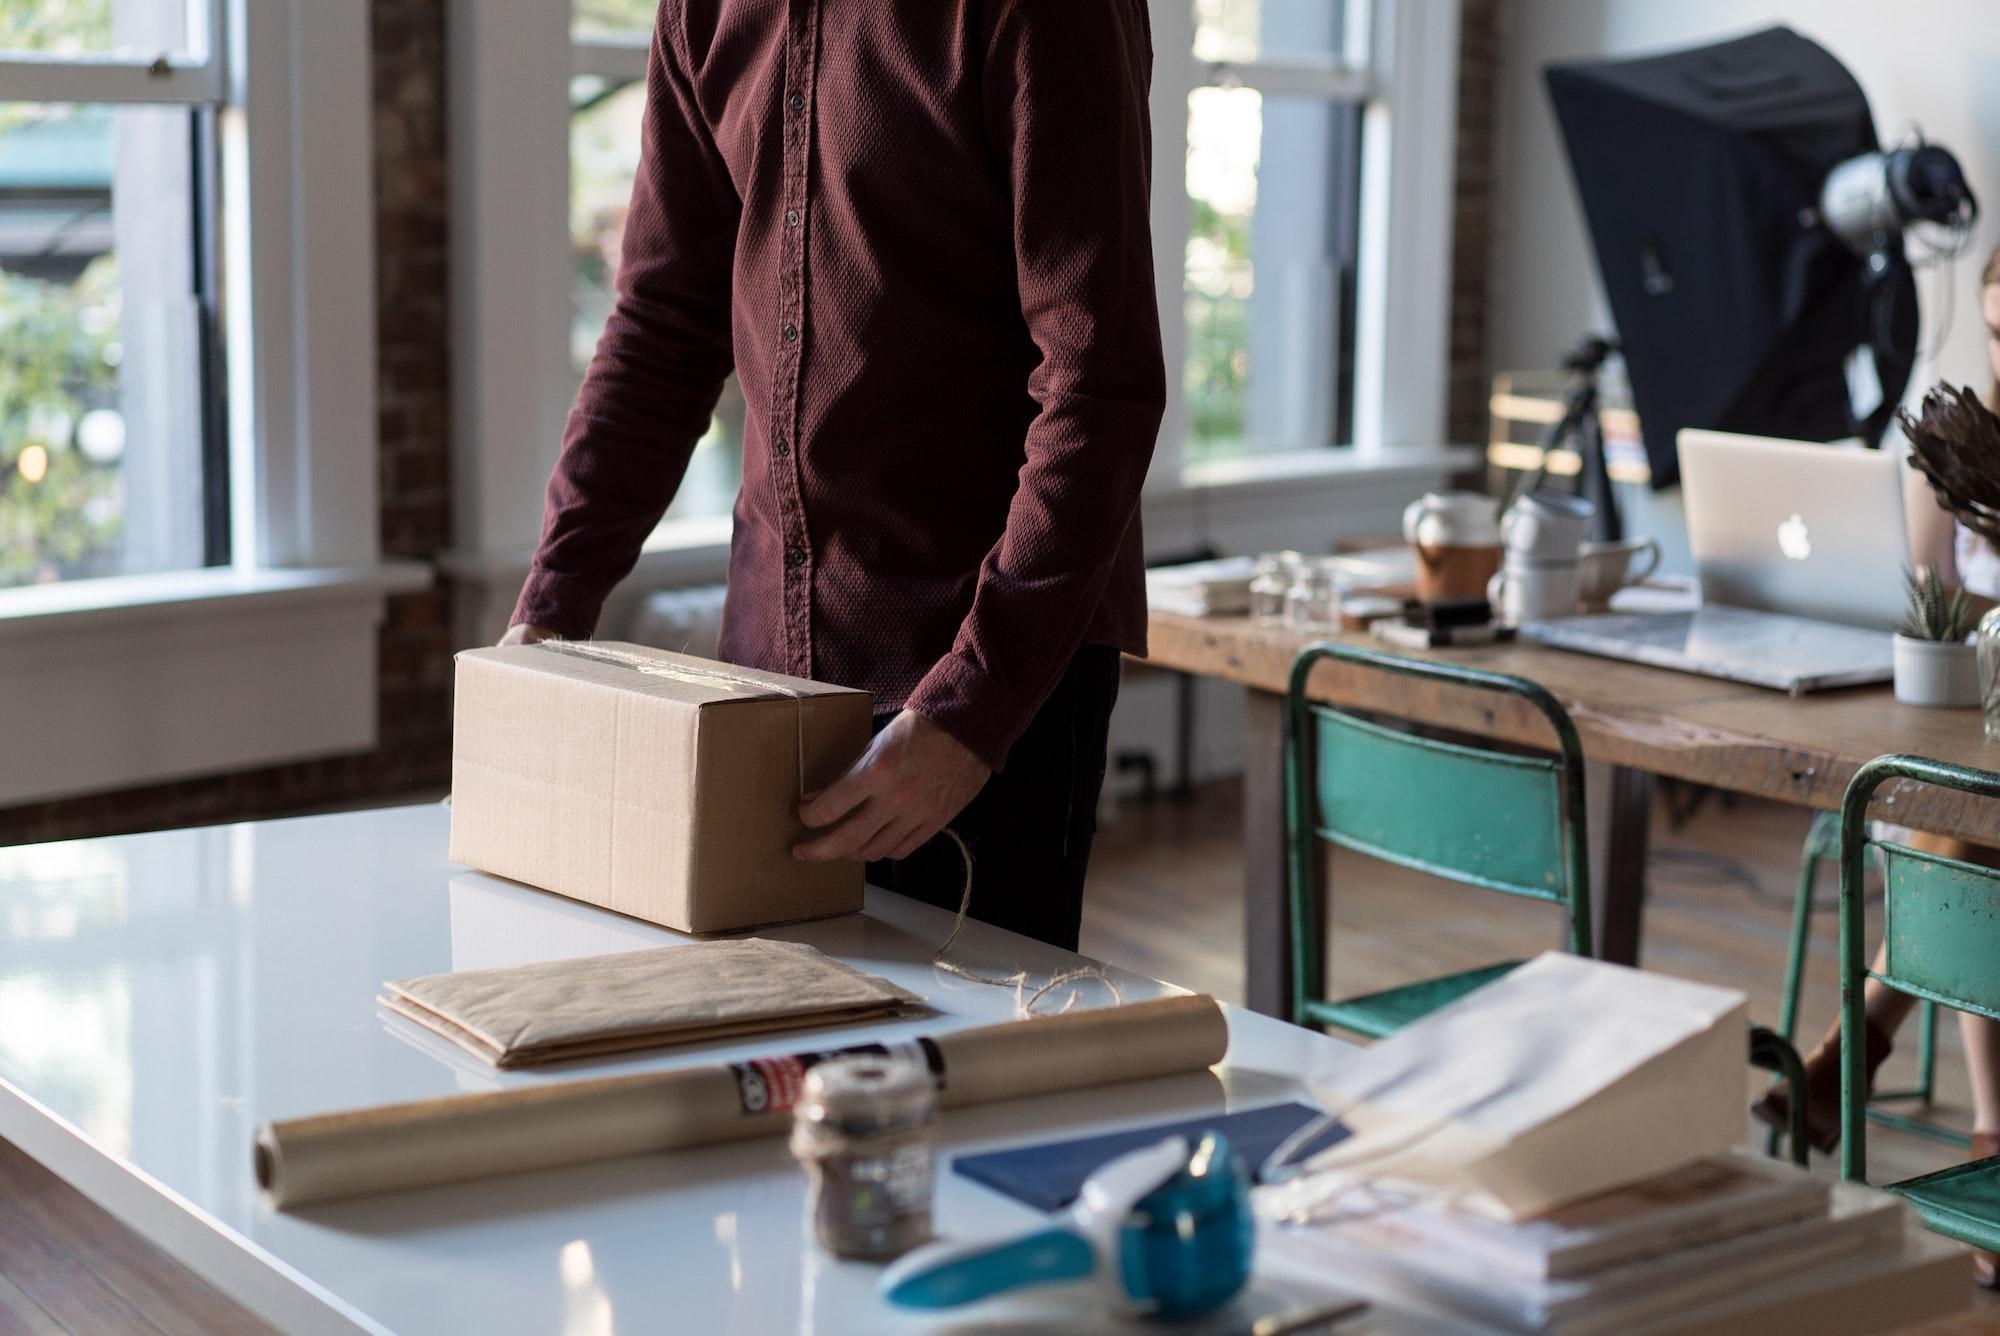 Beat Envío, una solución para emprendedores